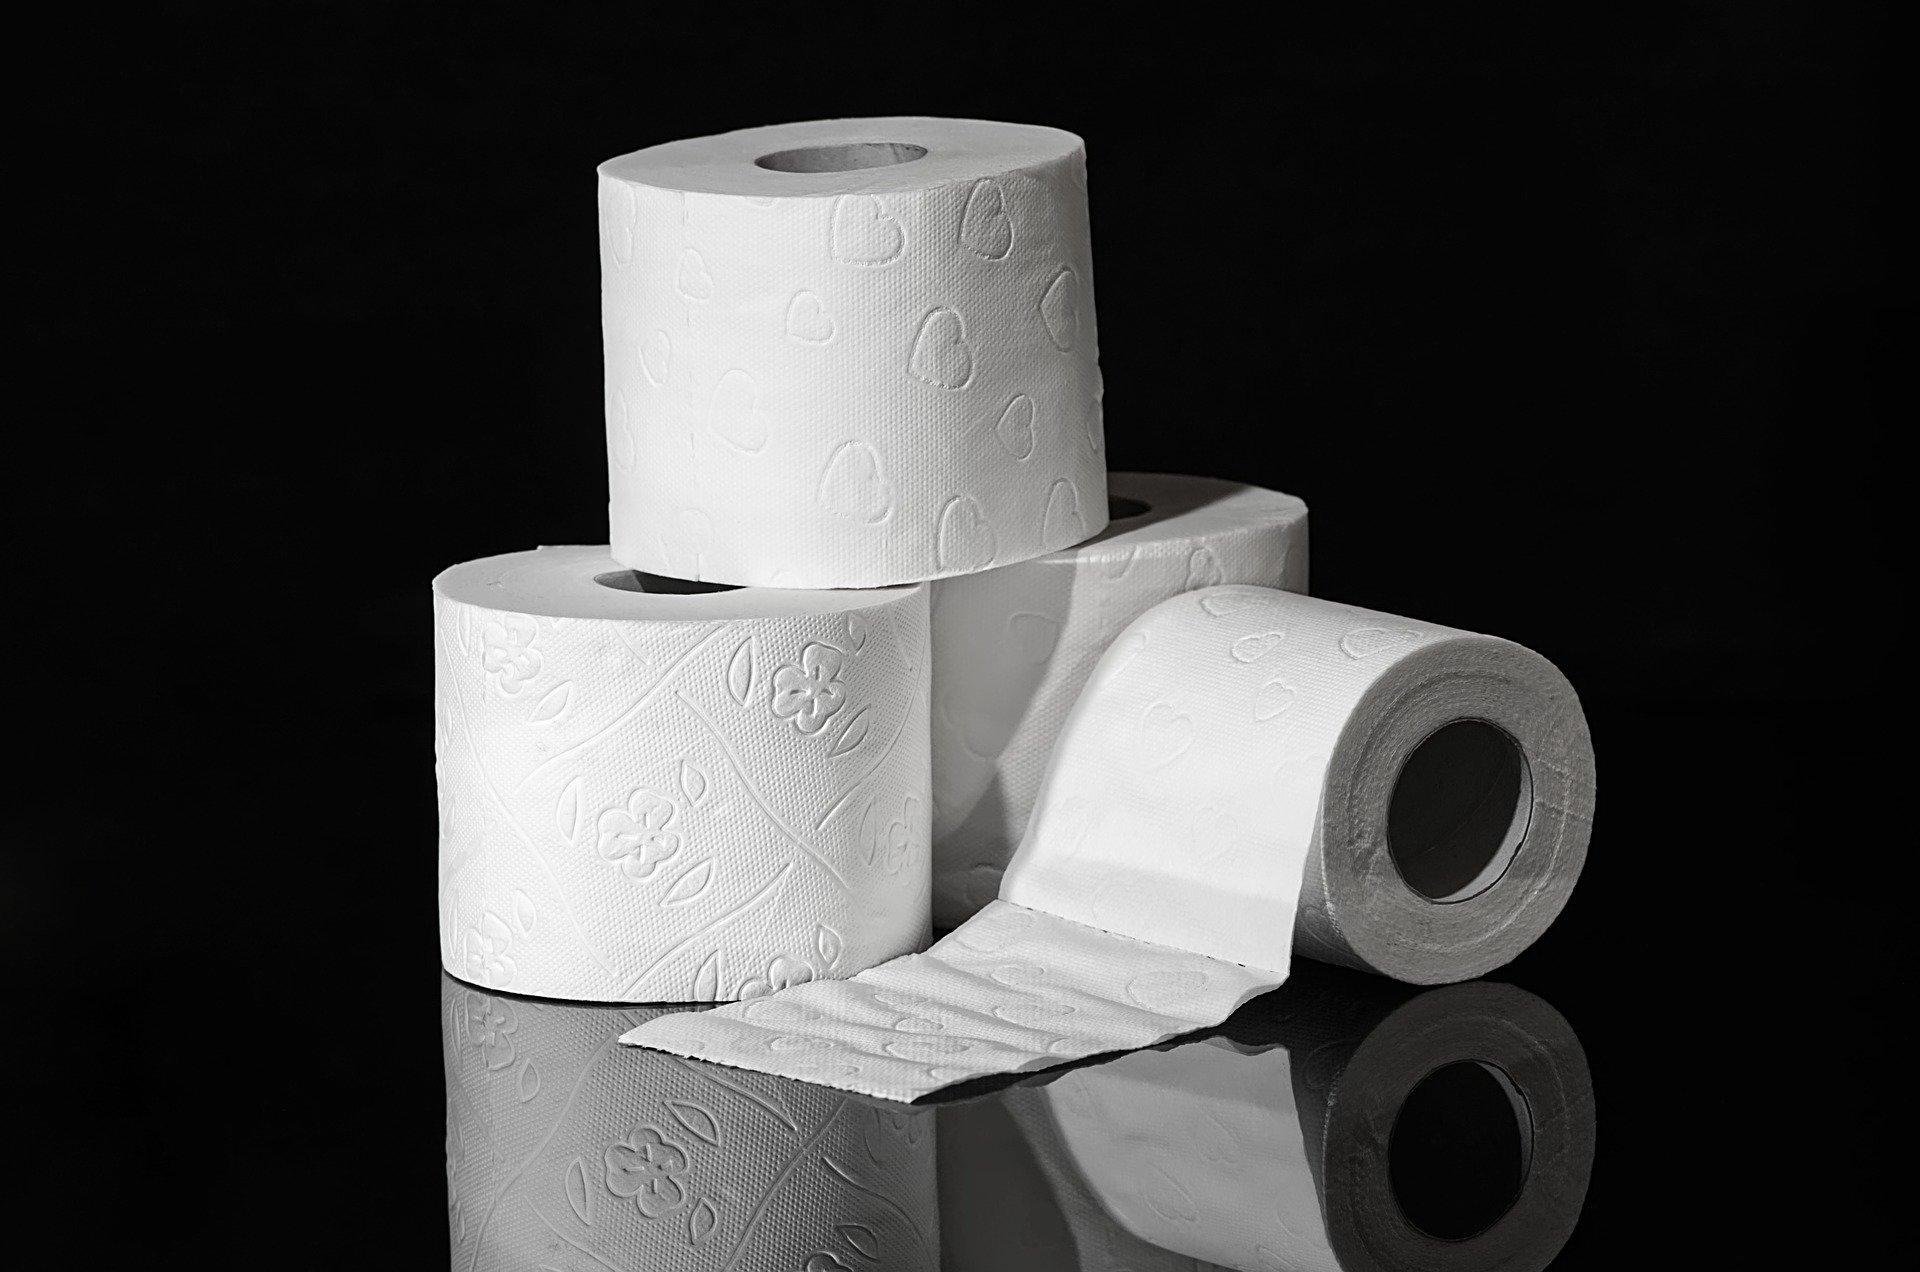 Tesla šetří kde se dá, škrty už prý zaměstnancům sebrali i toaletní papír - anotační obrázek